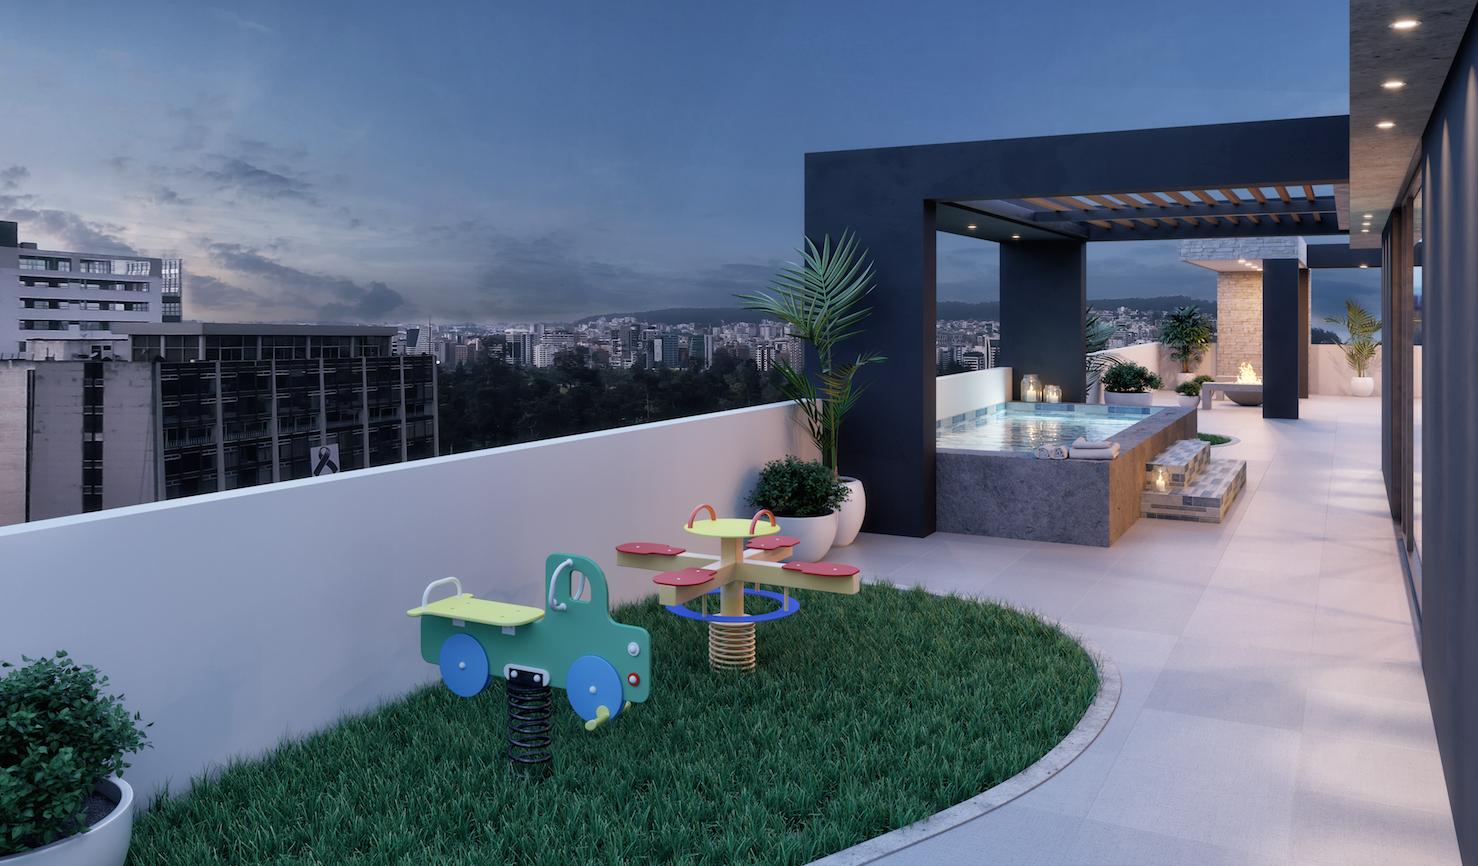 kyria_edificio_elmir_terraza.png